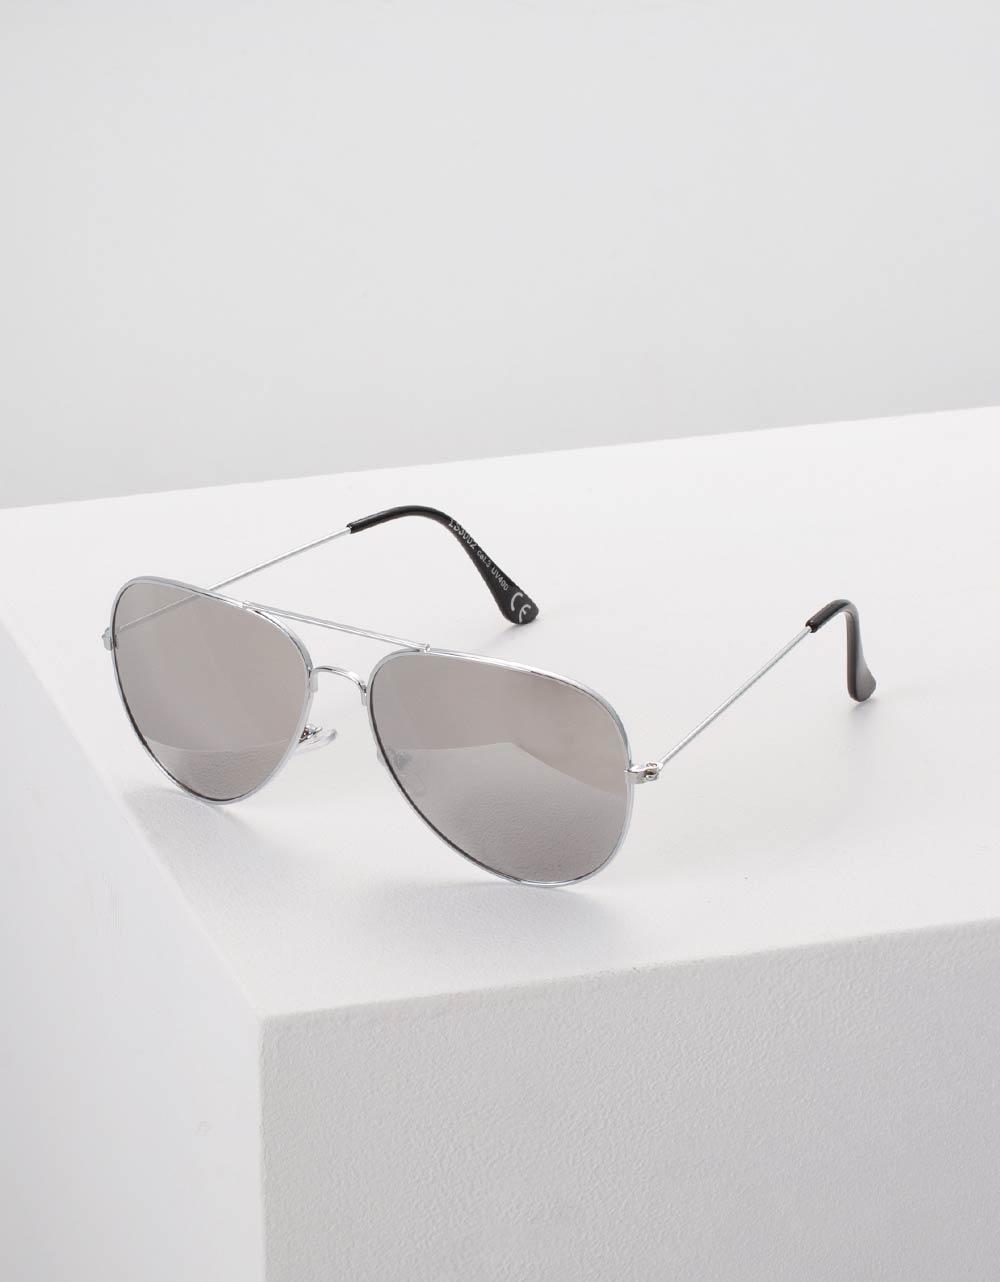 Εικόνα από Γυναικεία γυαλιά ηλίου Ασημί